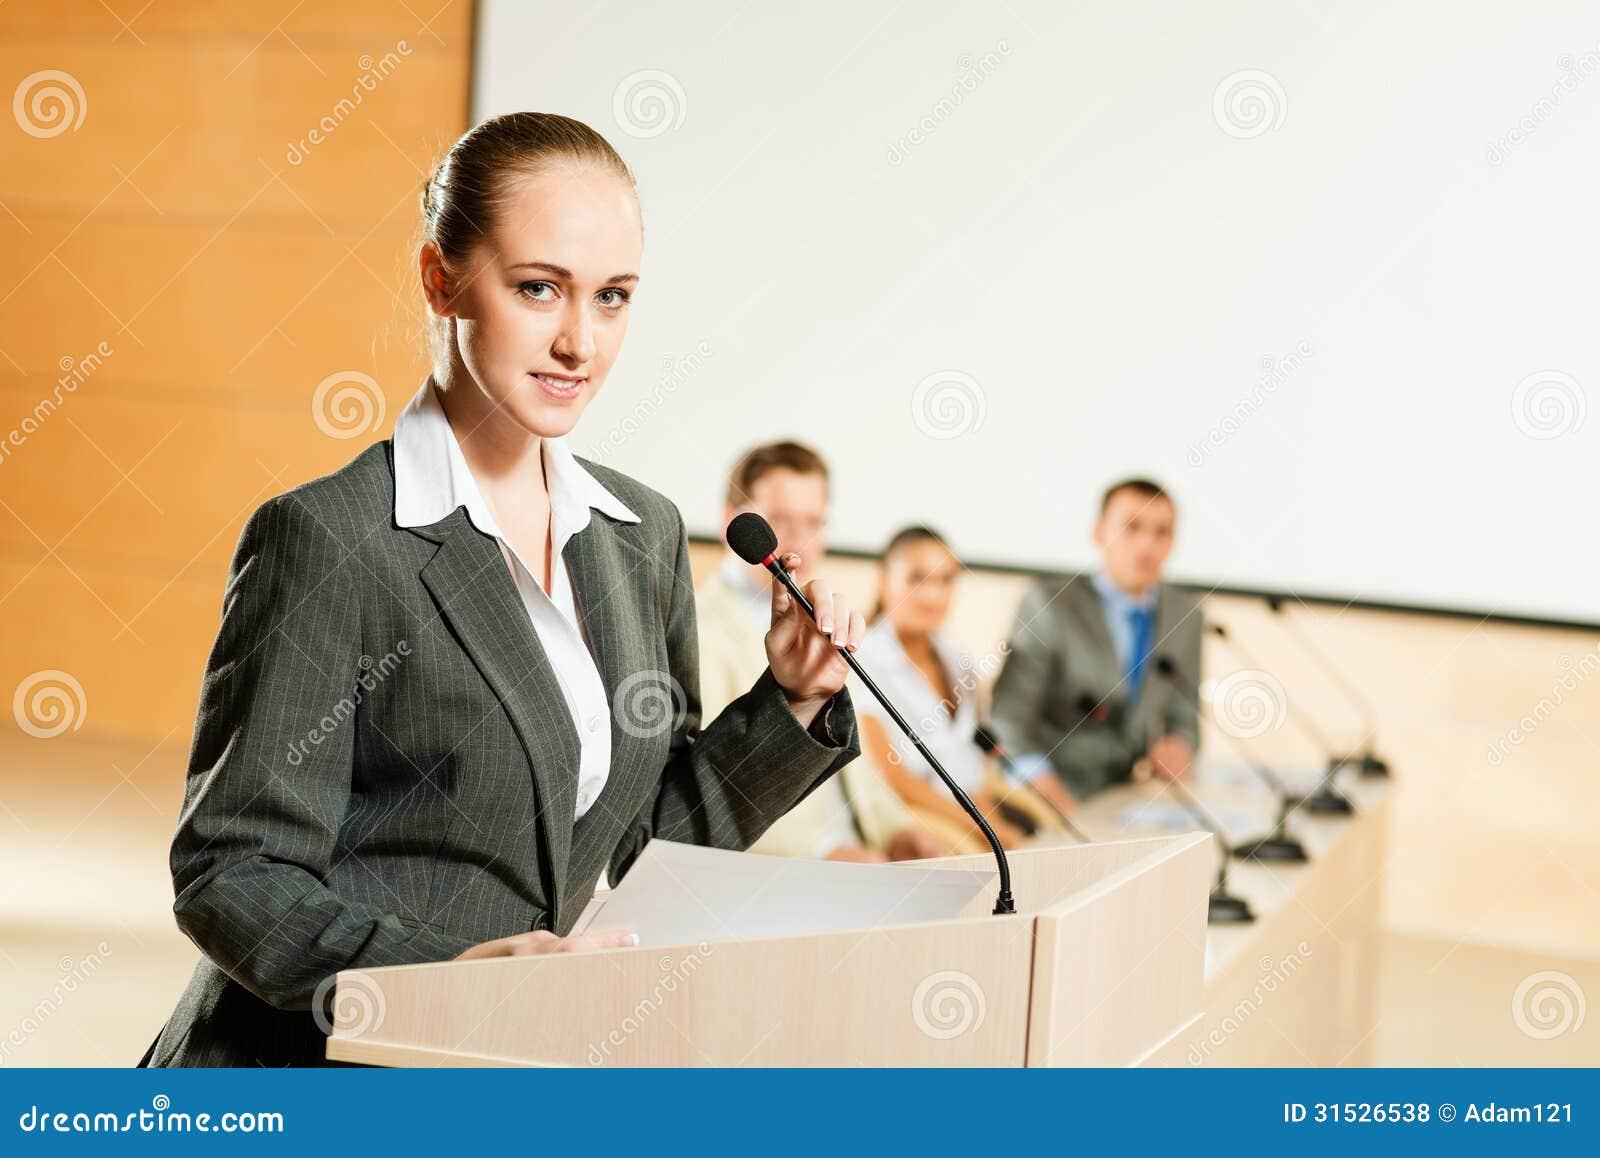 Πορτρέτο μιας επιχειρησιακής γυναίκας με το μικρόφωνο